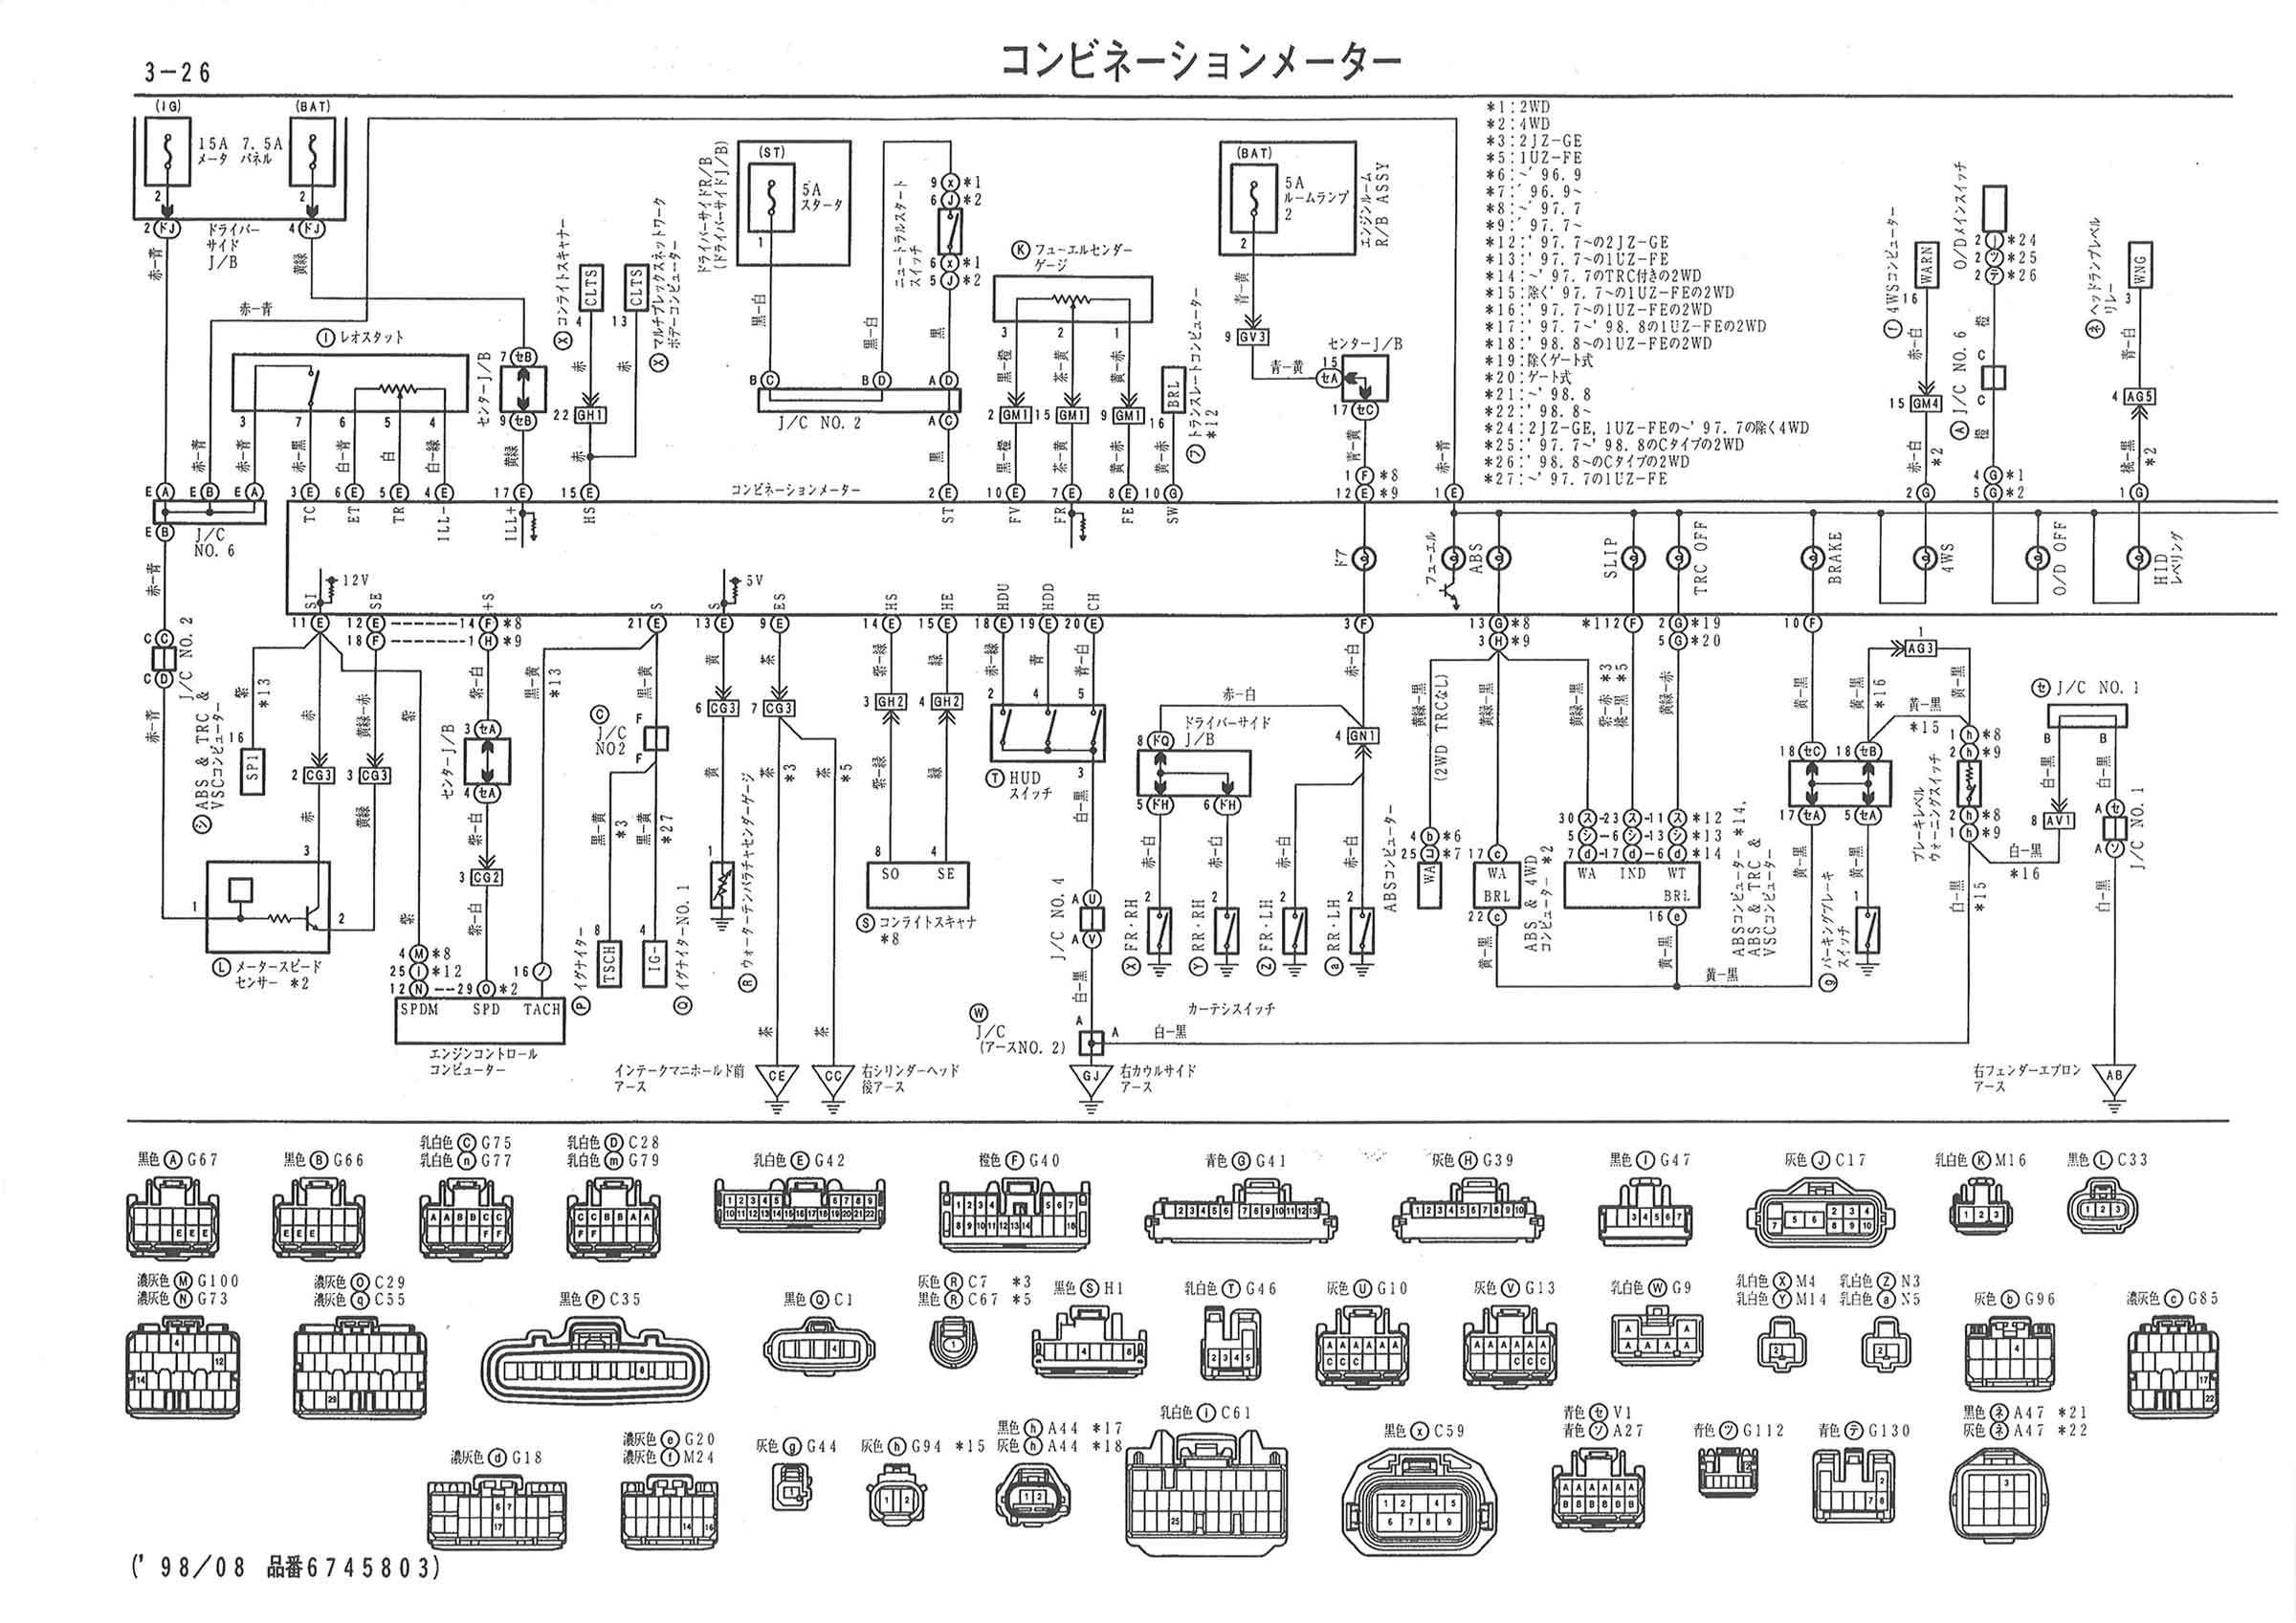 [SCHEMATICS_4LK]  YB_6942] 2Jz Vvt I Engine Wiring Diagram 2Jz Vvt I Engine Wiring Diagram  2Jz Ge Schematic Wiring | Vvt I Engine Wiring Diagram |  | Unho Wedab Mohammedshrine Librar Wiring 101